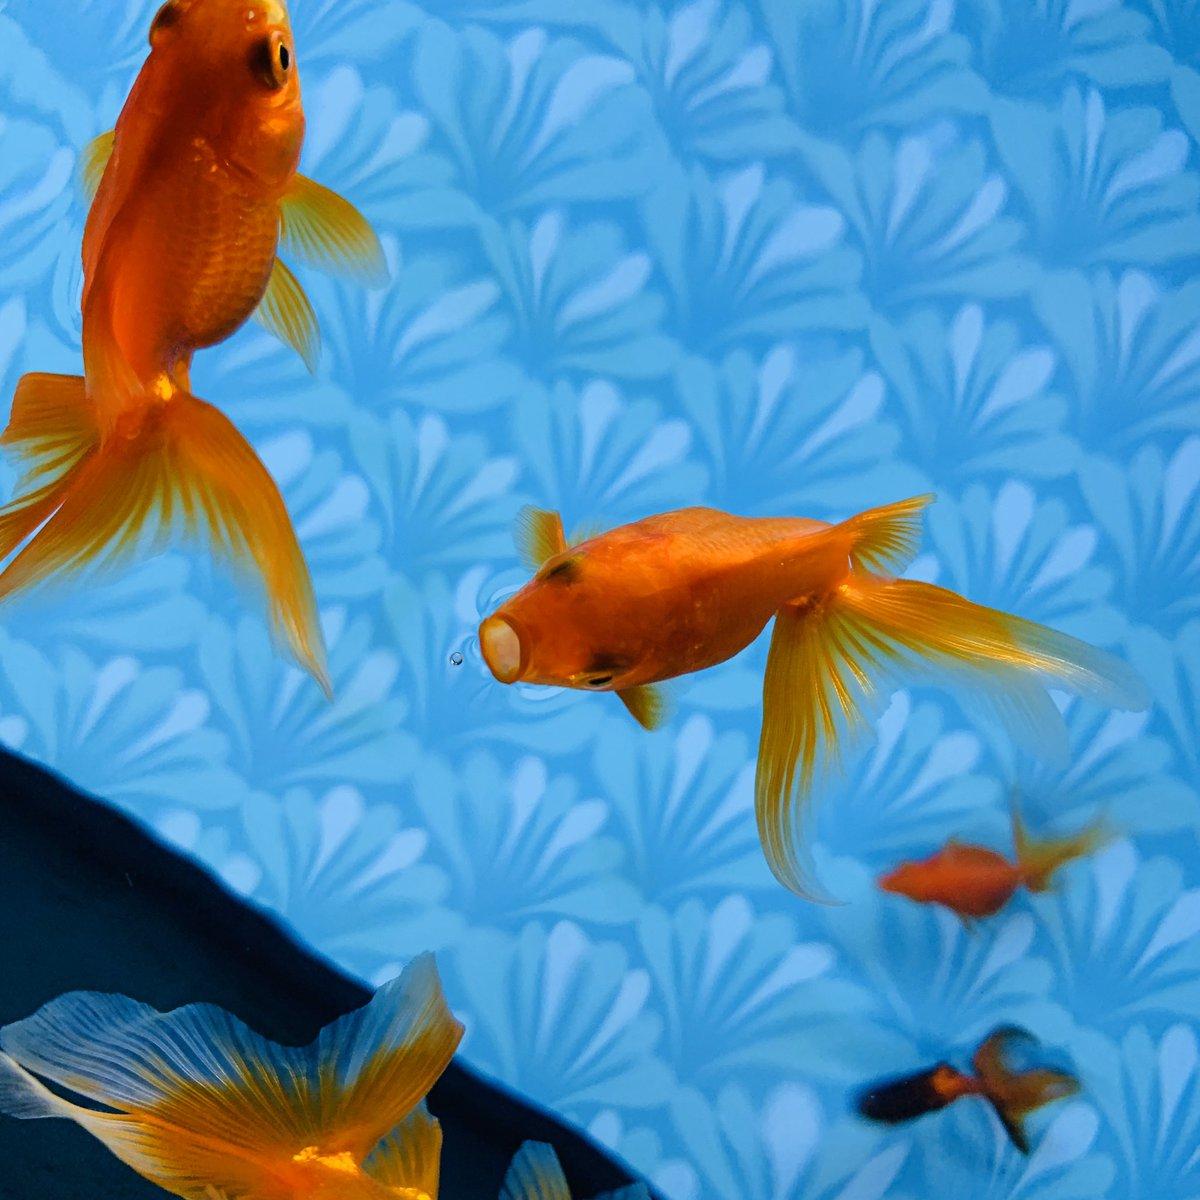 test ツイッターメディア - #カメラロールをしゃぁぁあぁぁあぁってやってピタっと止めた画像がエロ画像でも何でも問答無用で晒せいいねで継続見た人絶対強制 美大生に描いてもらったリオくんとすみだ水族館の金魚(特設展示)だった。 https://t.co/9eydXjNRAa